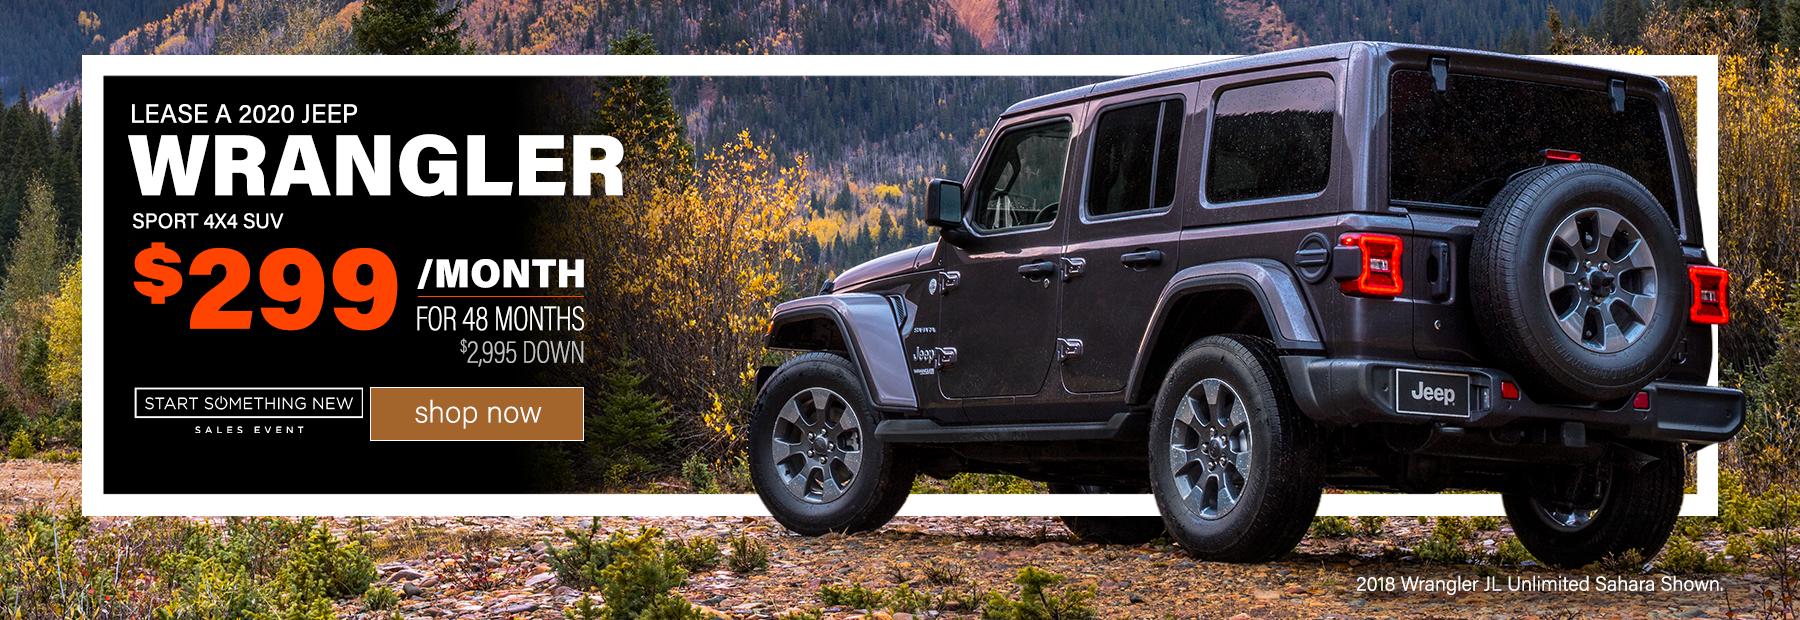 new-2020-jeep-wrangler-lease-deal-dayton-ohio